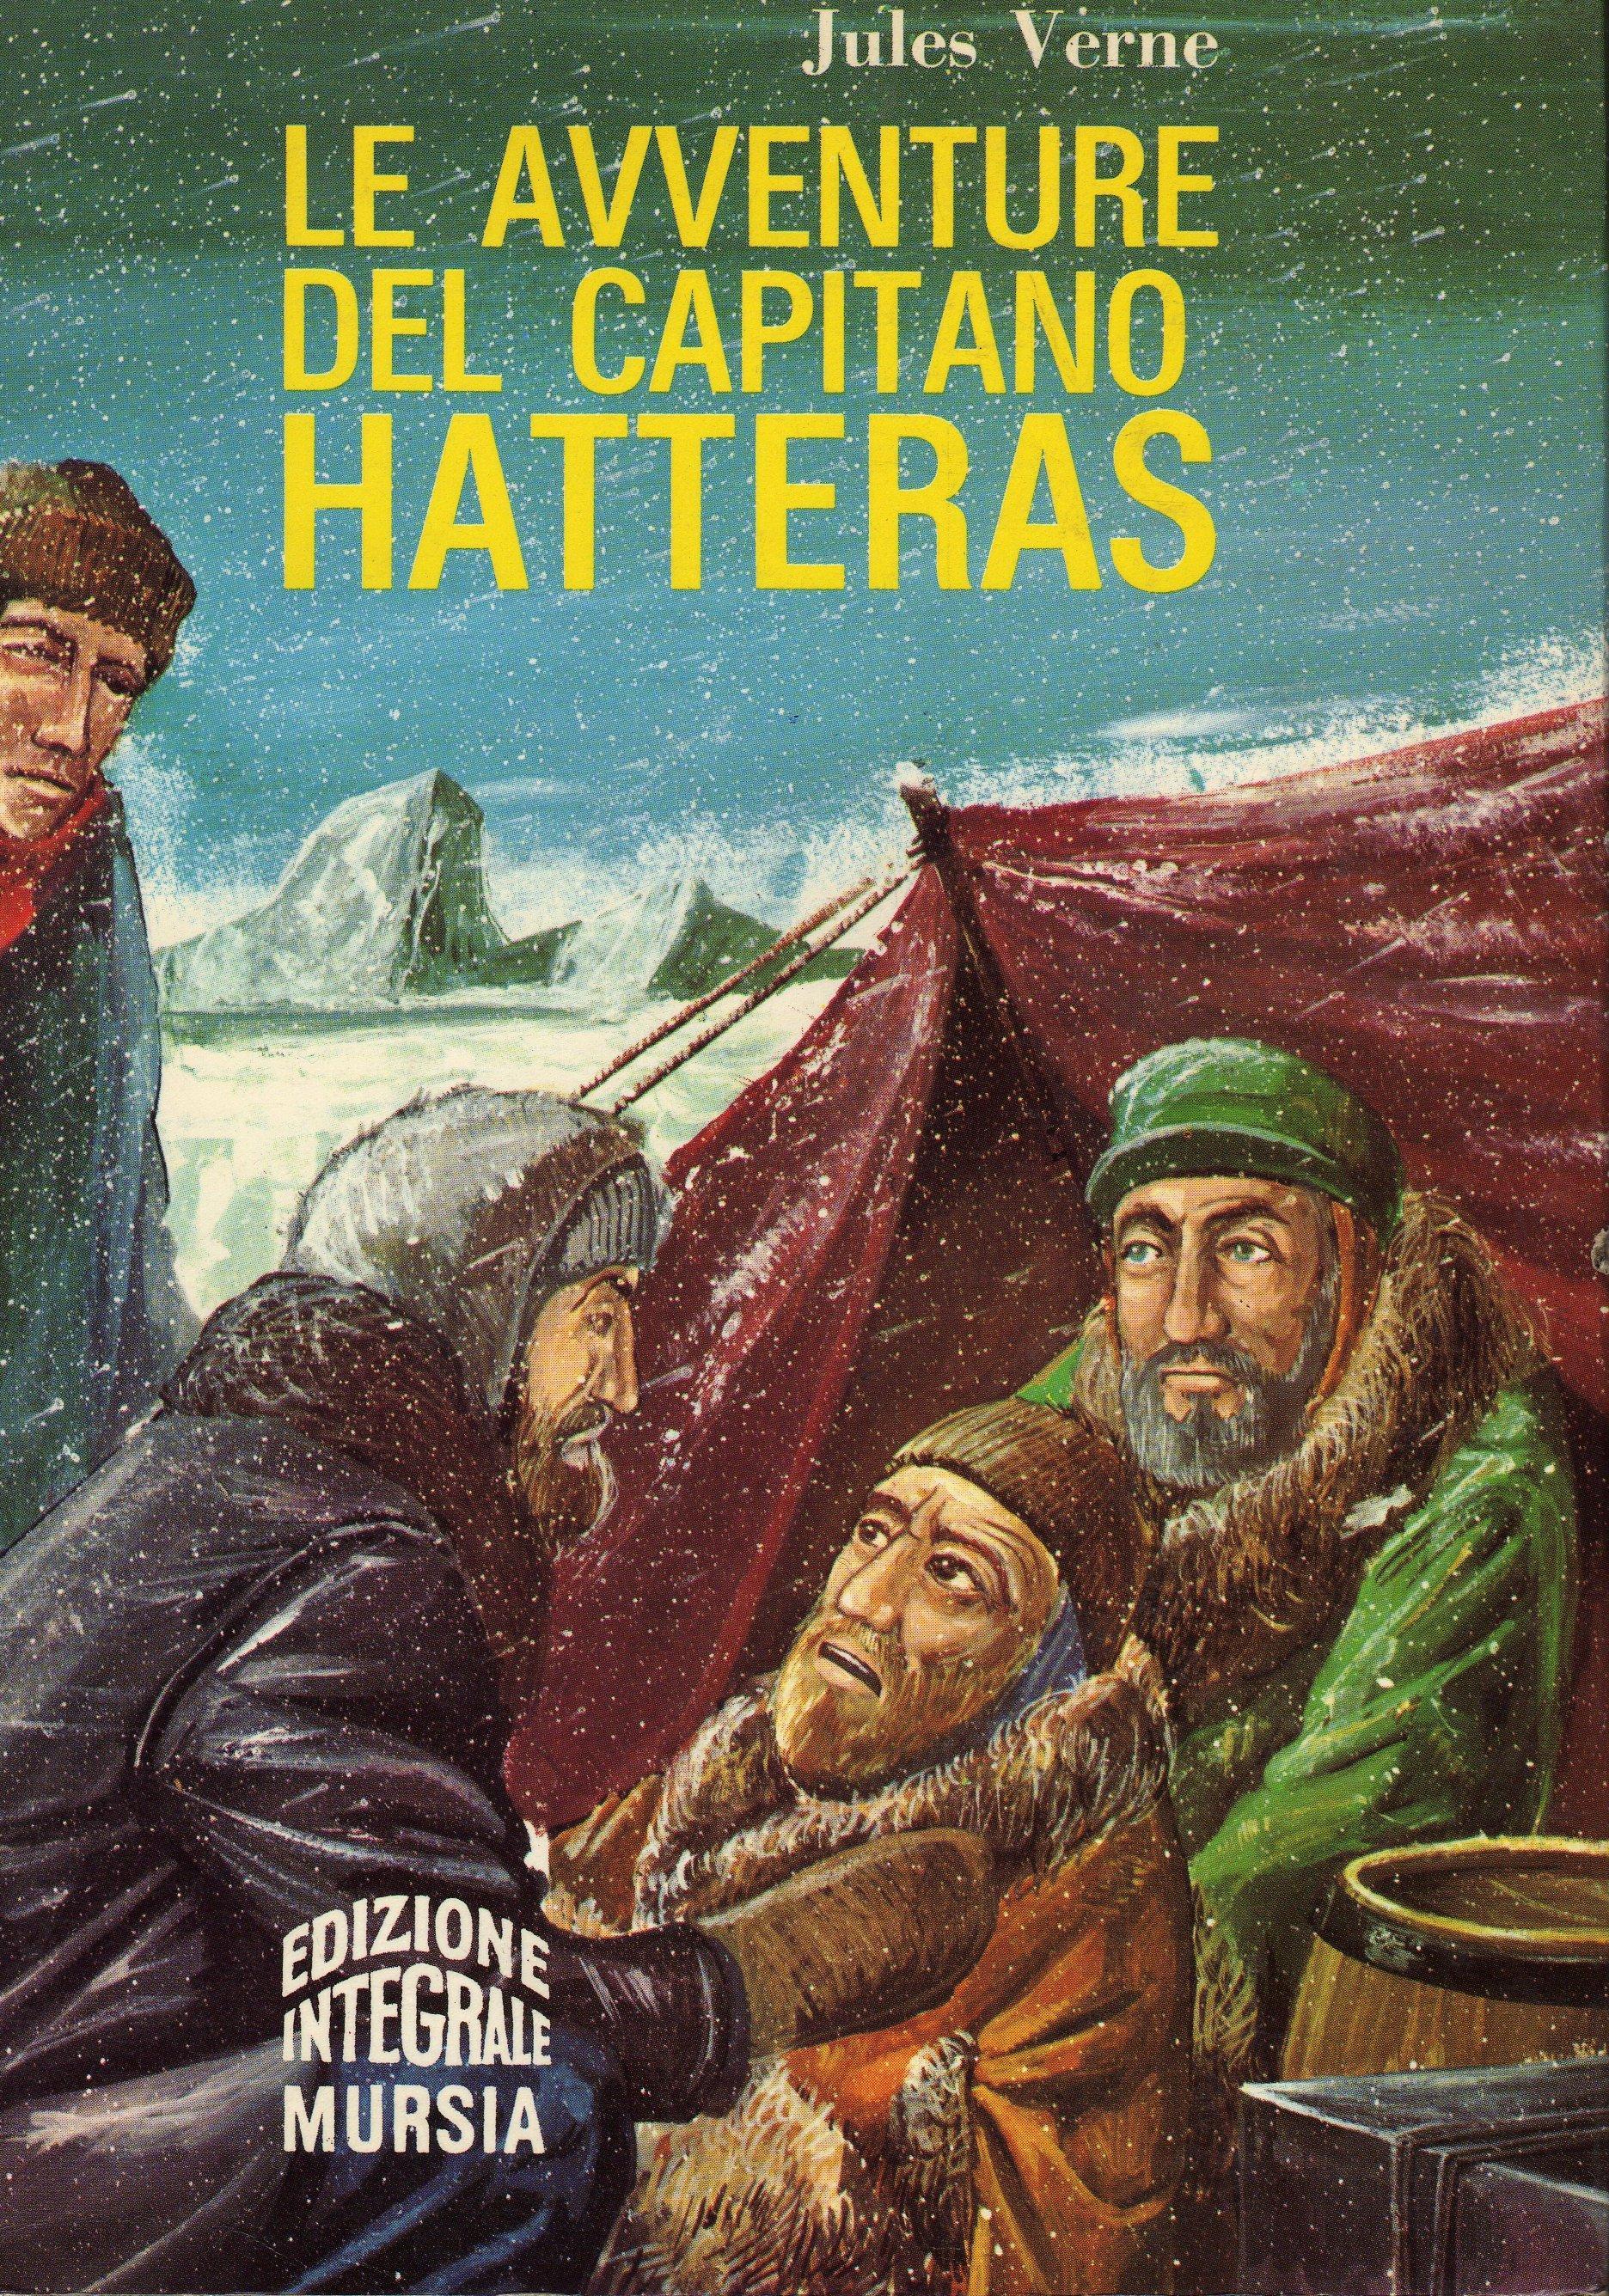 Le avventure del capitano Hatteras